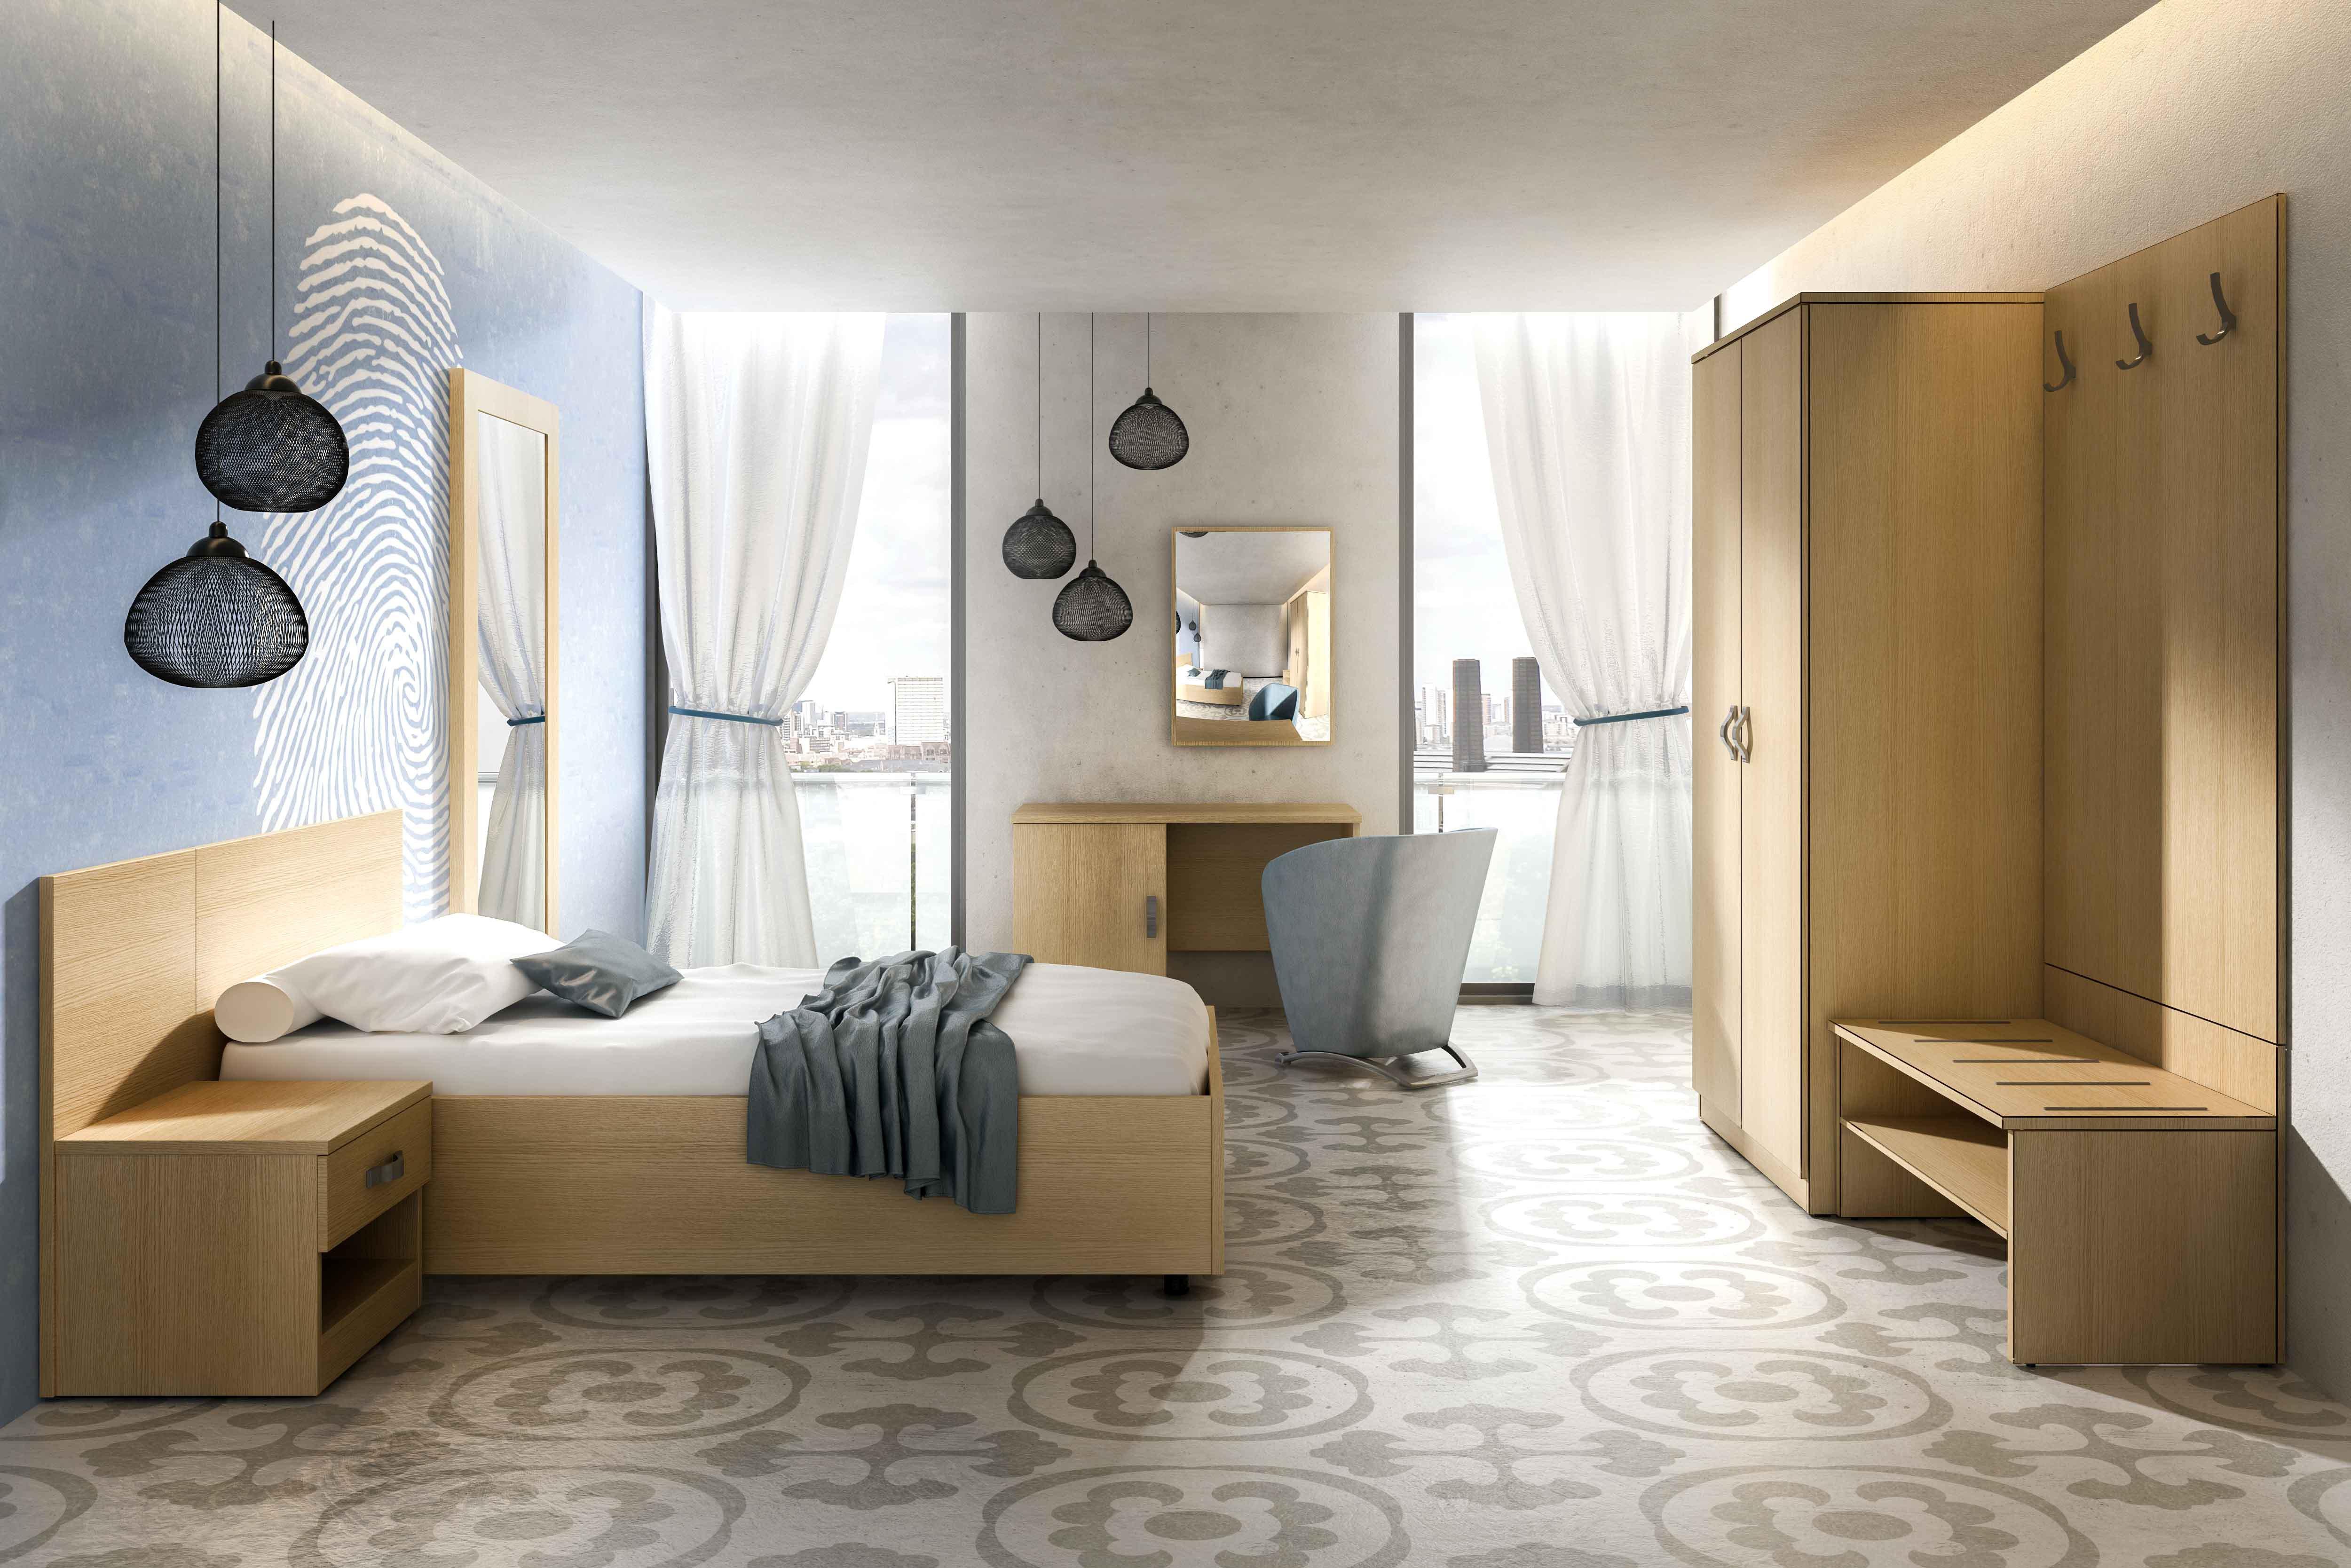 фото отелей и мебель для гостиниц